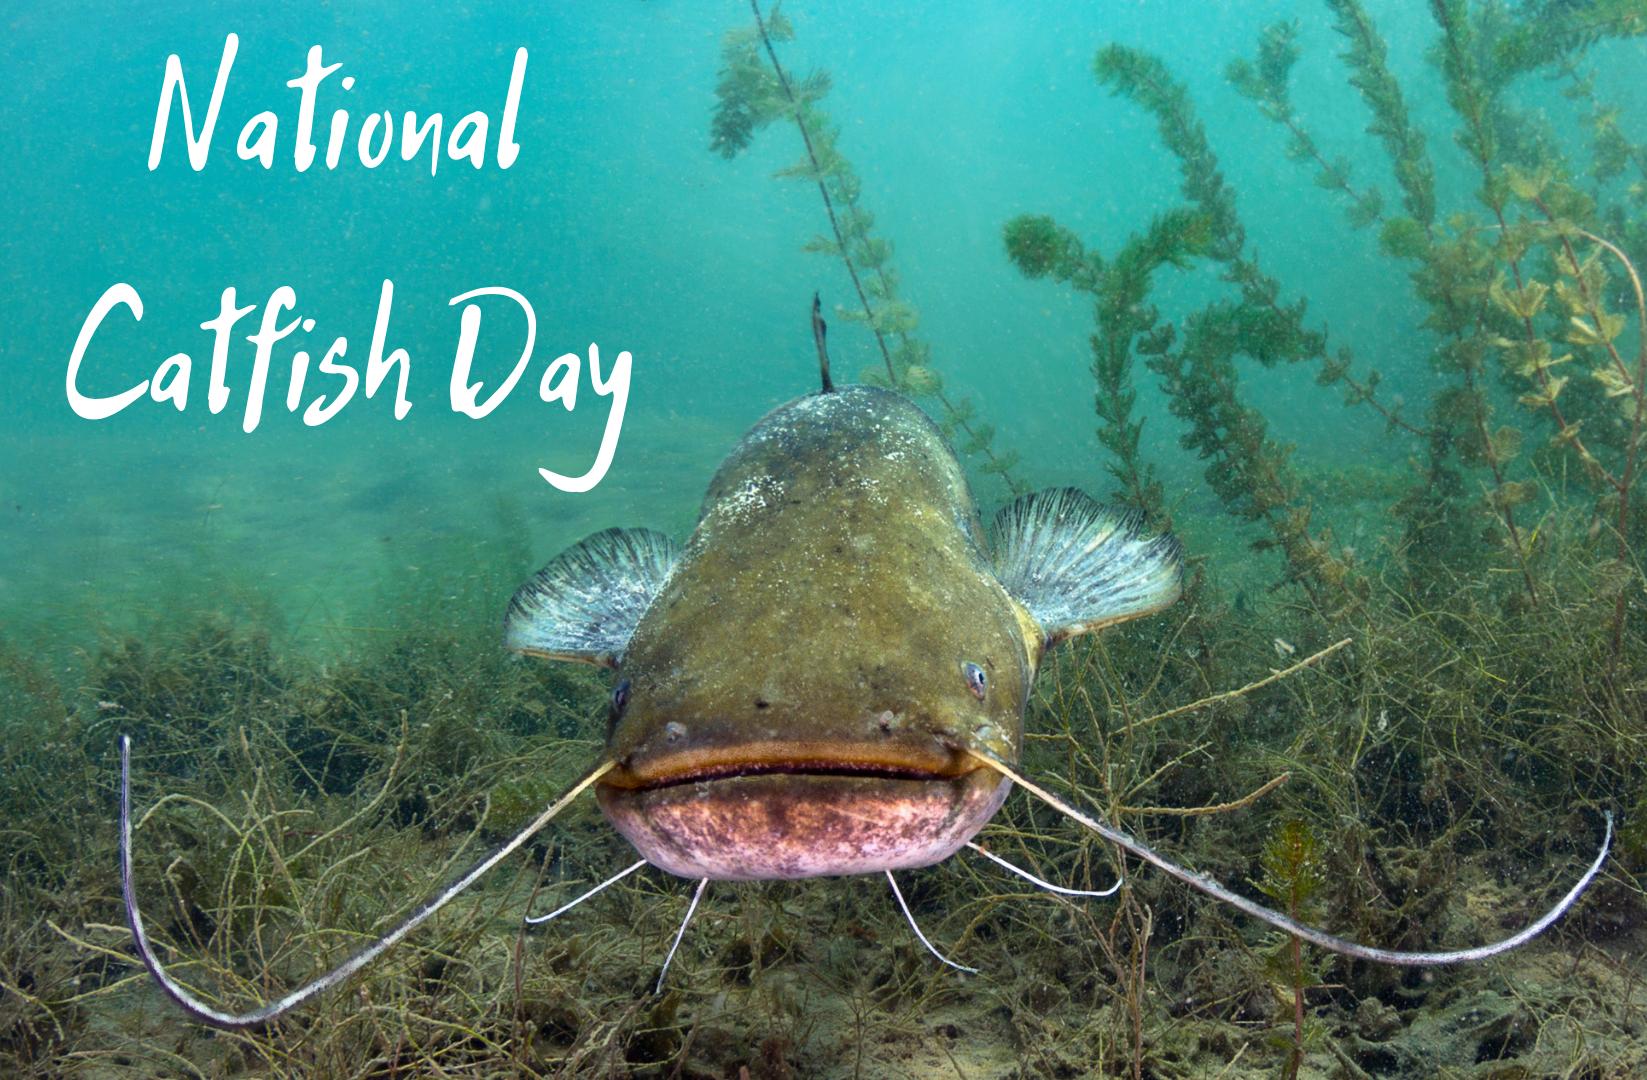 Catfish Day